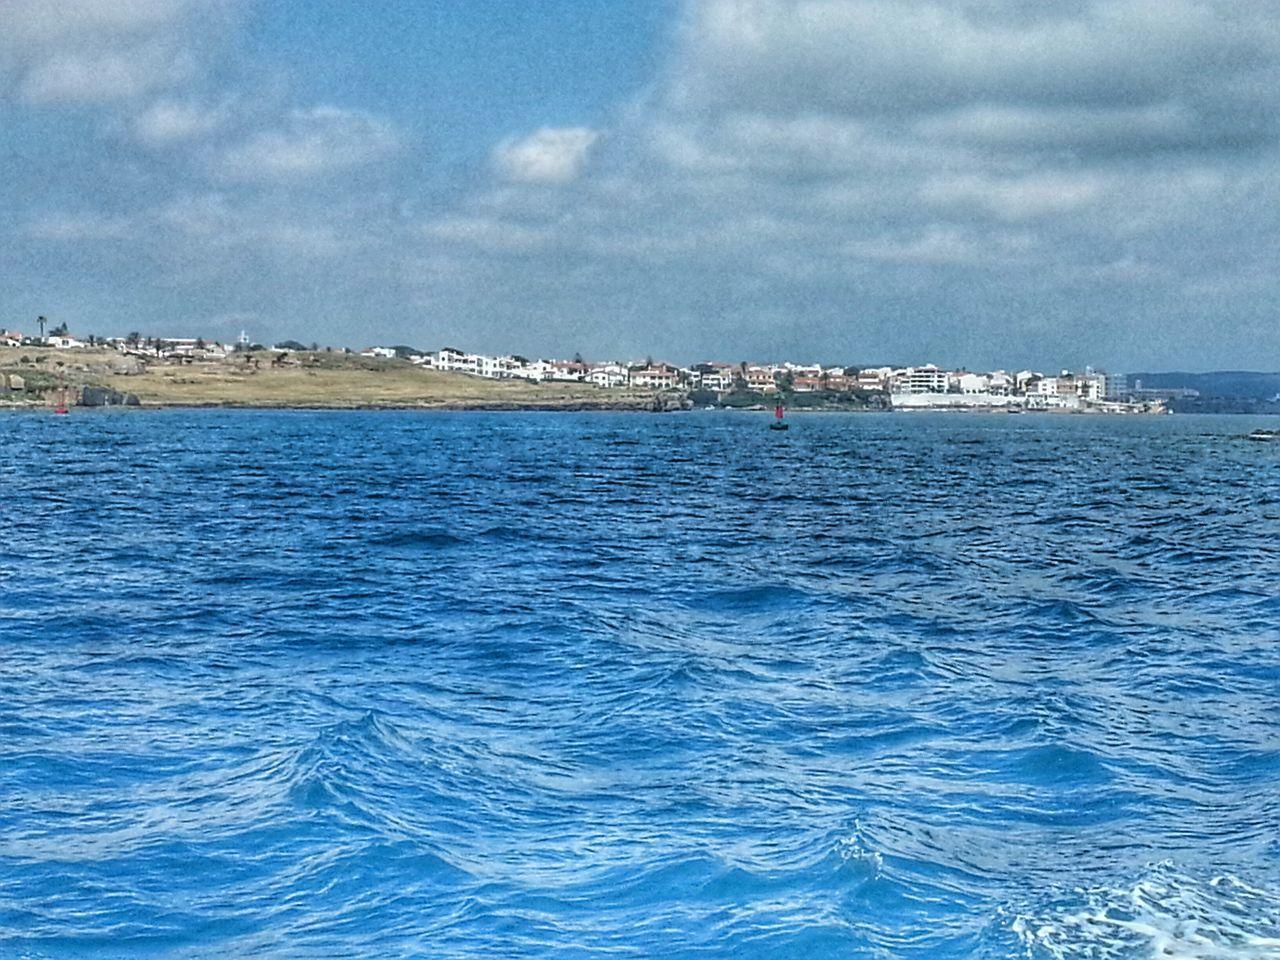 Blue Sky Landscape Seascape Seascape Photography Sea And Sky Seascape Waves Sky And Clouds Clouds And Sky Waves Mahón Mao Menorca Blue Sea Wanderlust Blue Wave